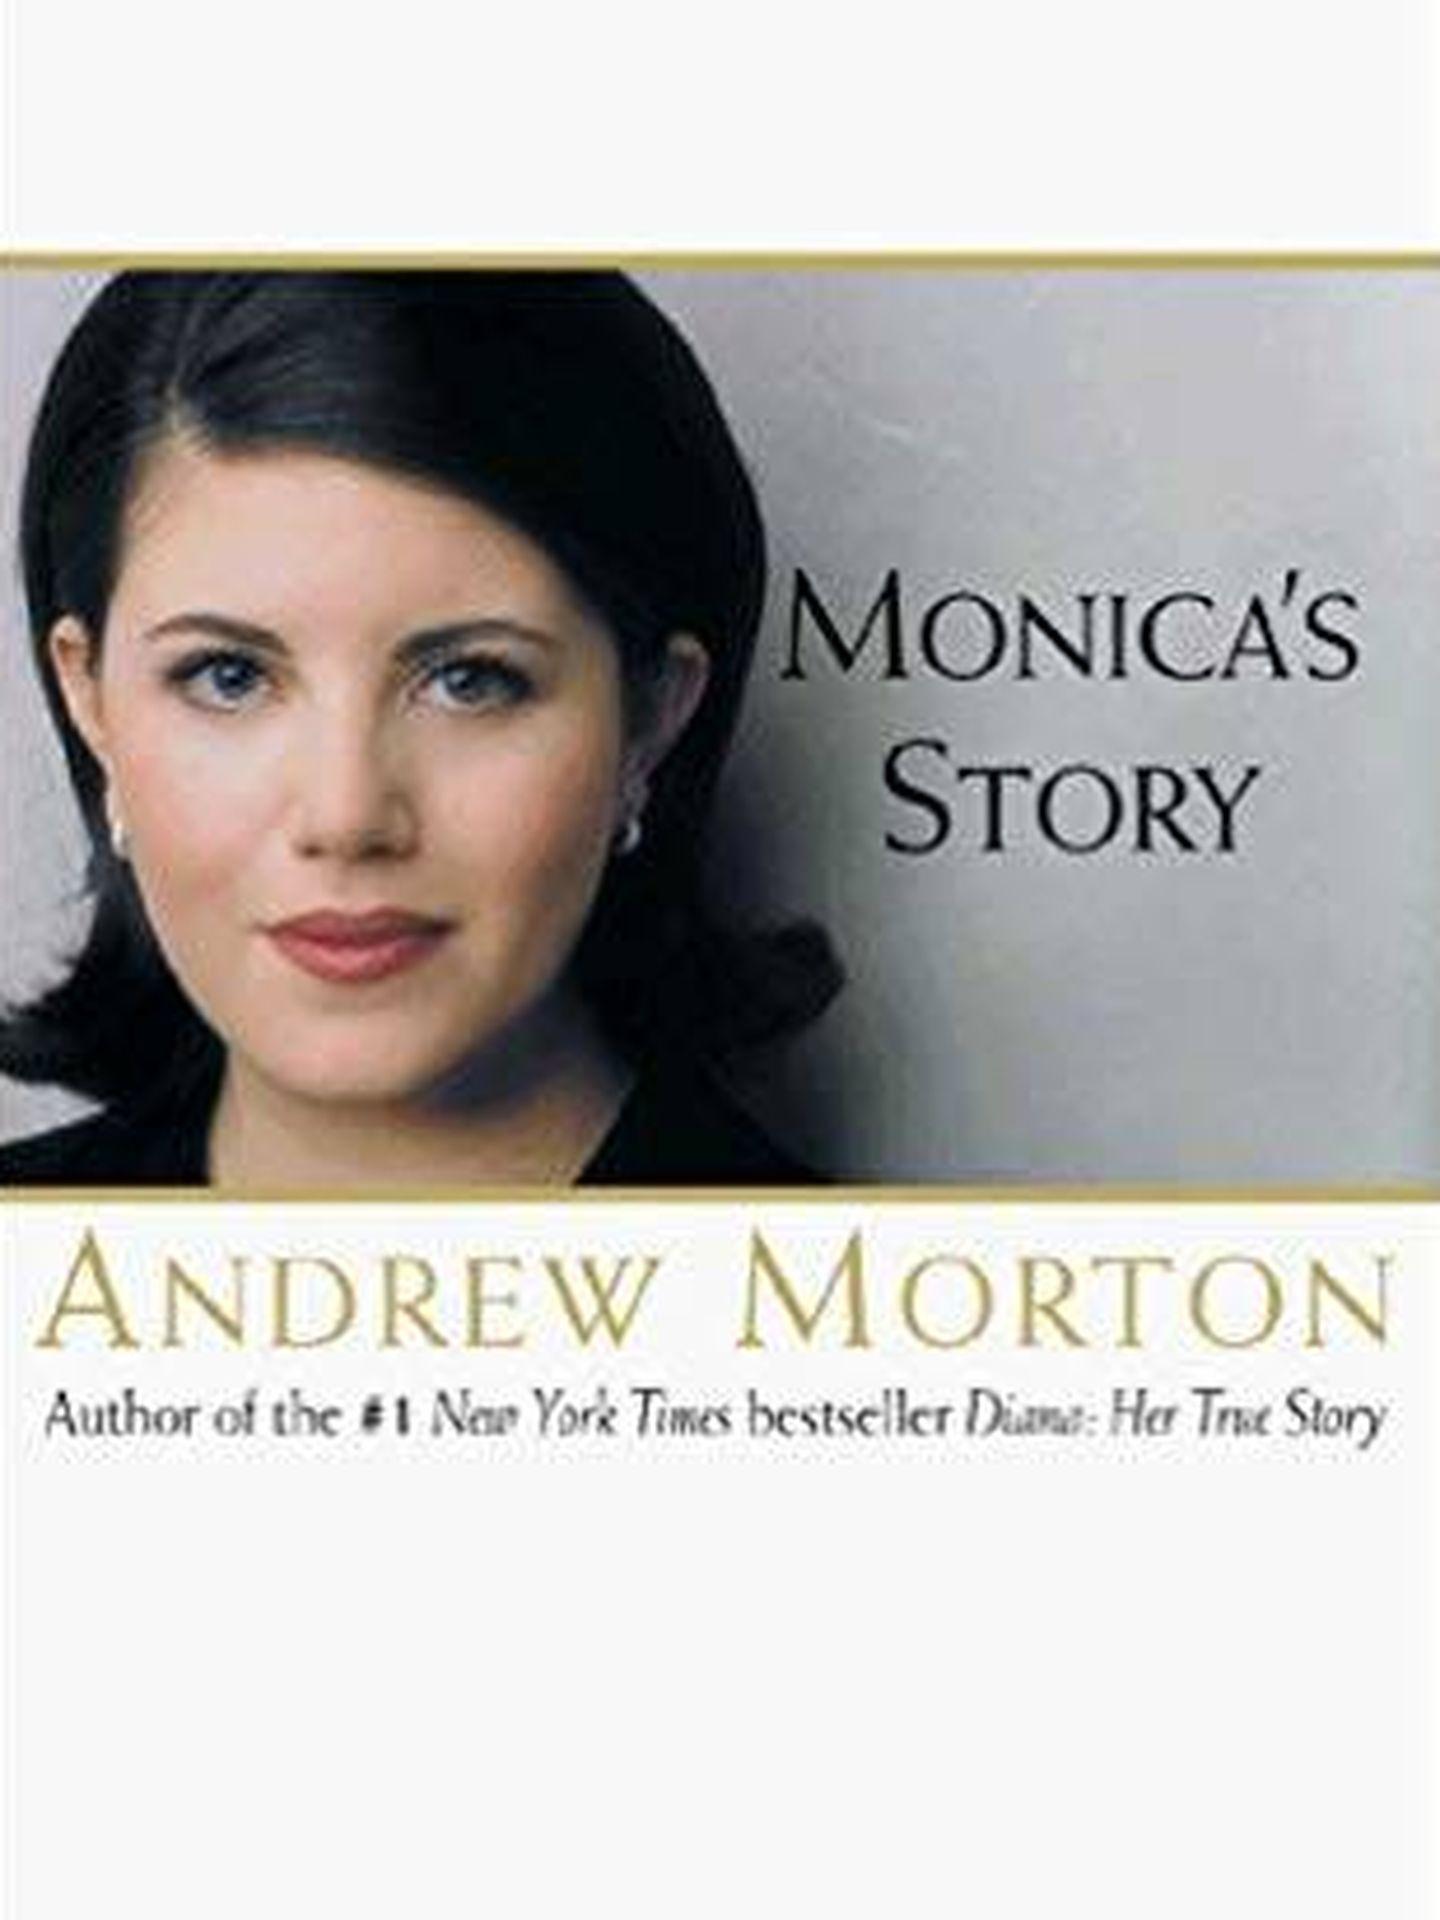 Portada del libro de Andrew Morton.